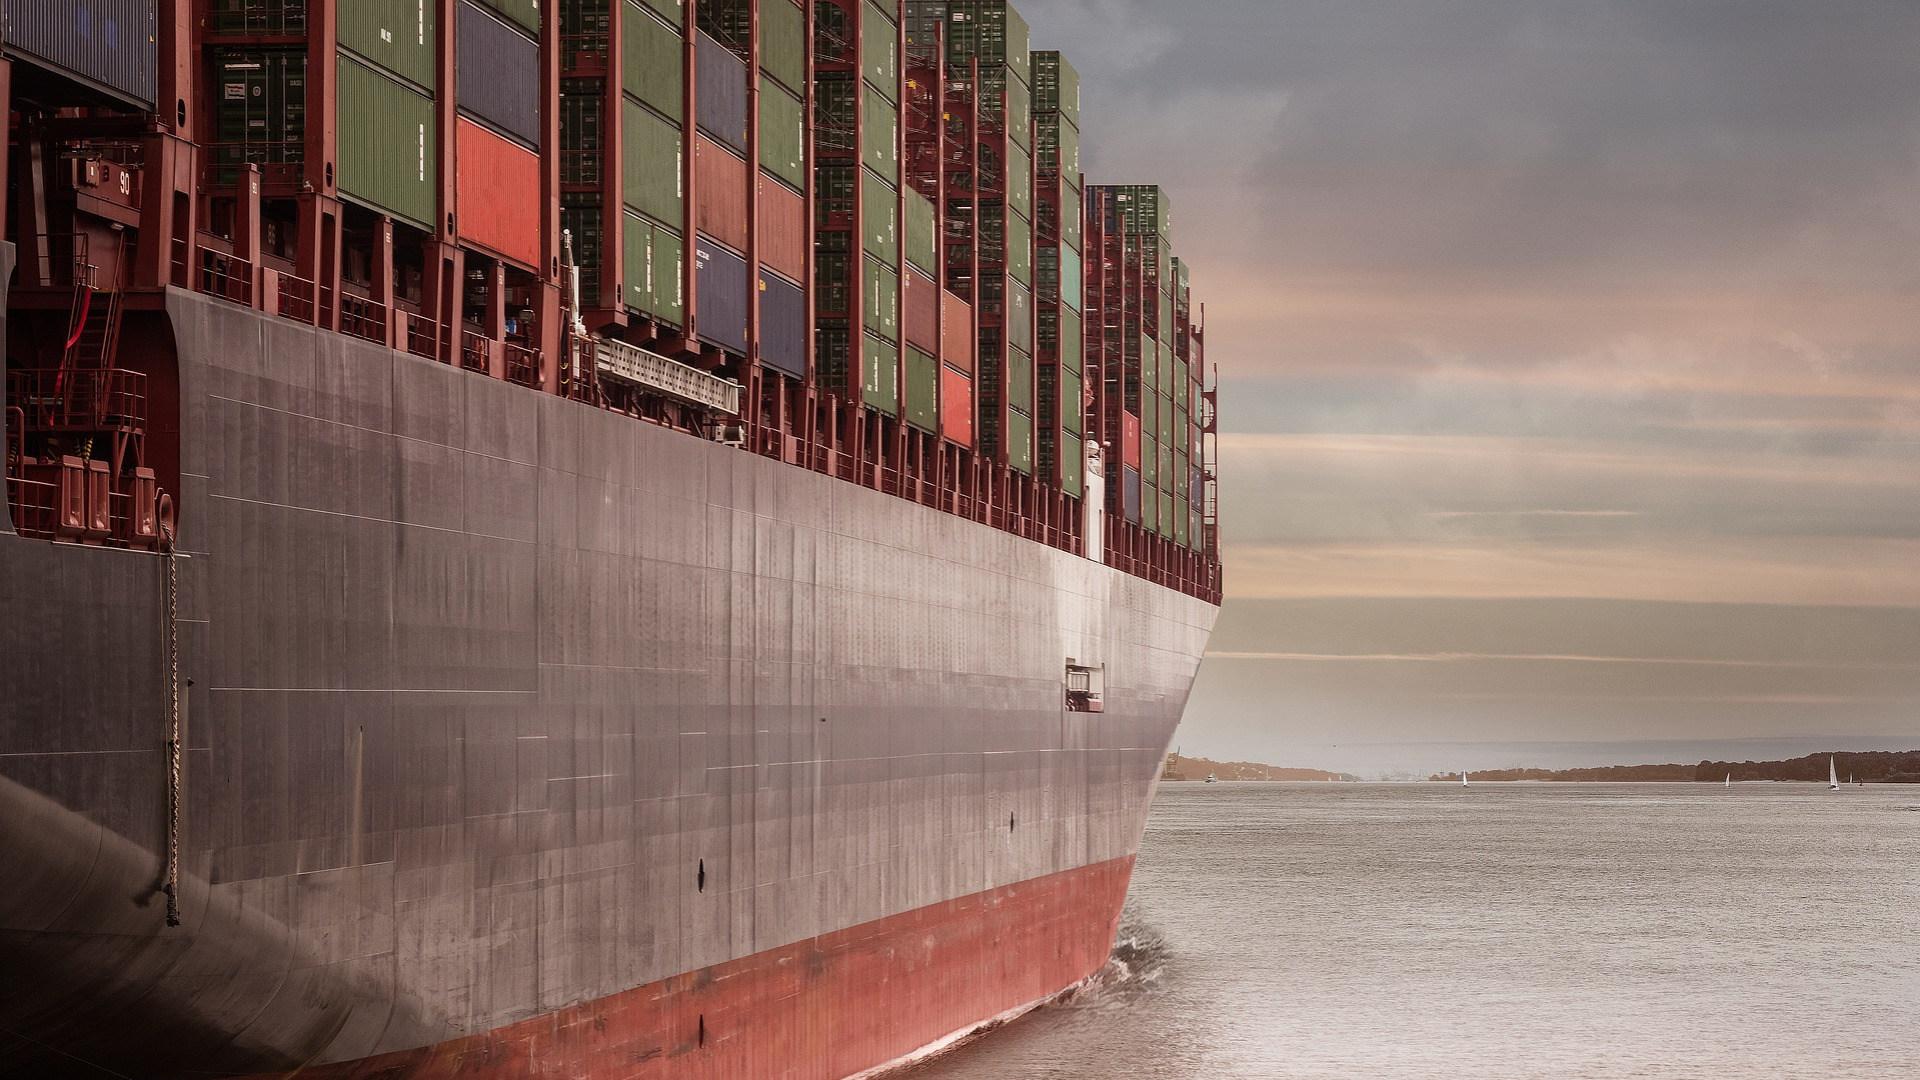 Handel, Schiff, Meer, Container, Handelsschiff